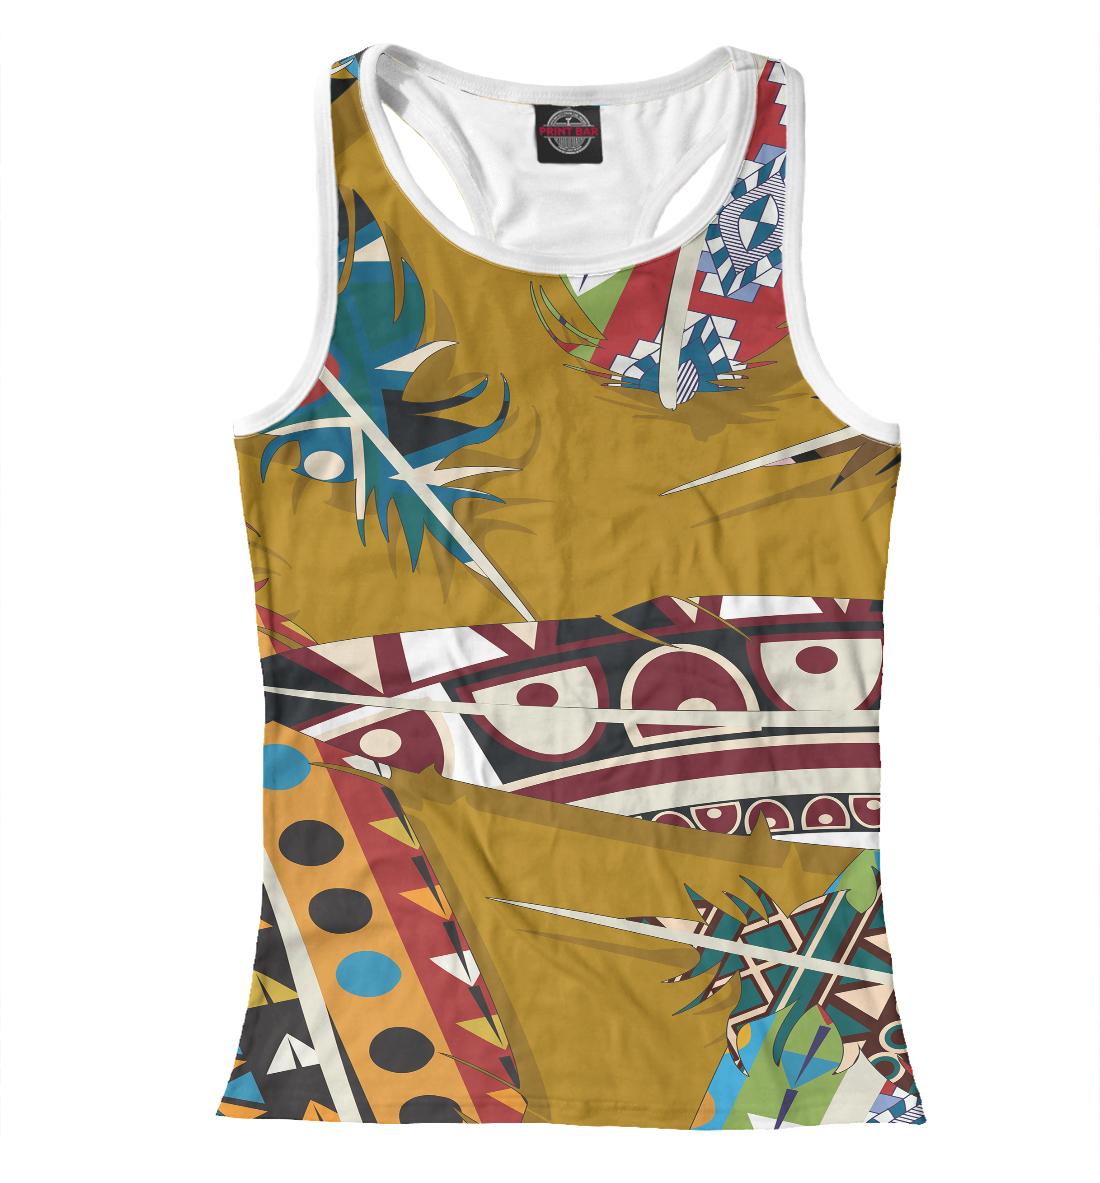 Африканский стиль, Printbar, Майки борцовки, BCH-268265-mayb-1  - купить со скидкой